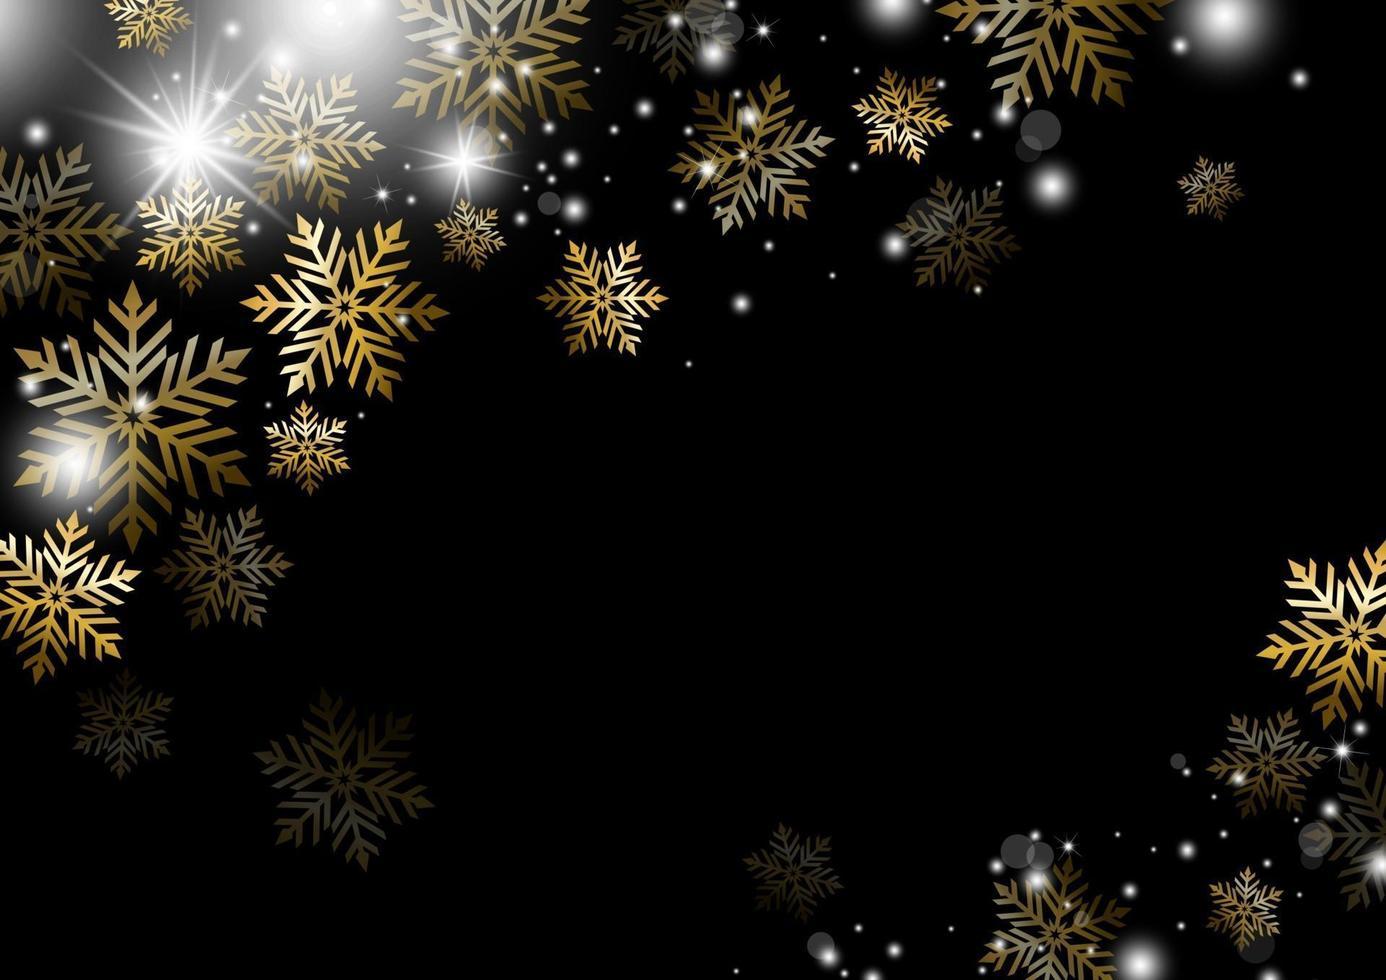 ilustração em vetor inverno floco de neve dourado